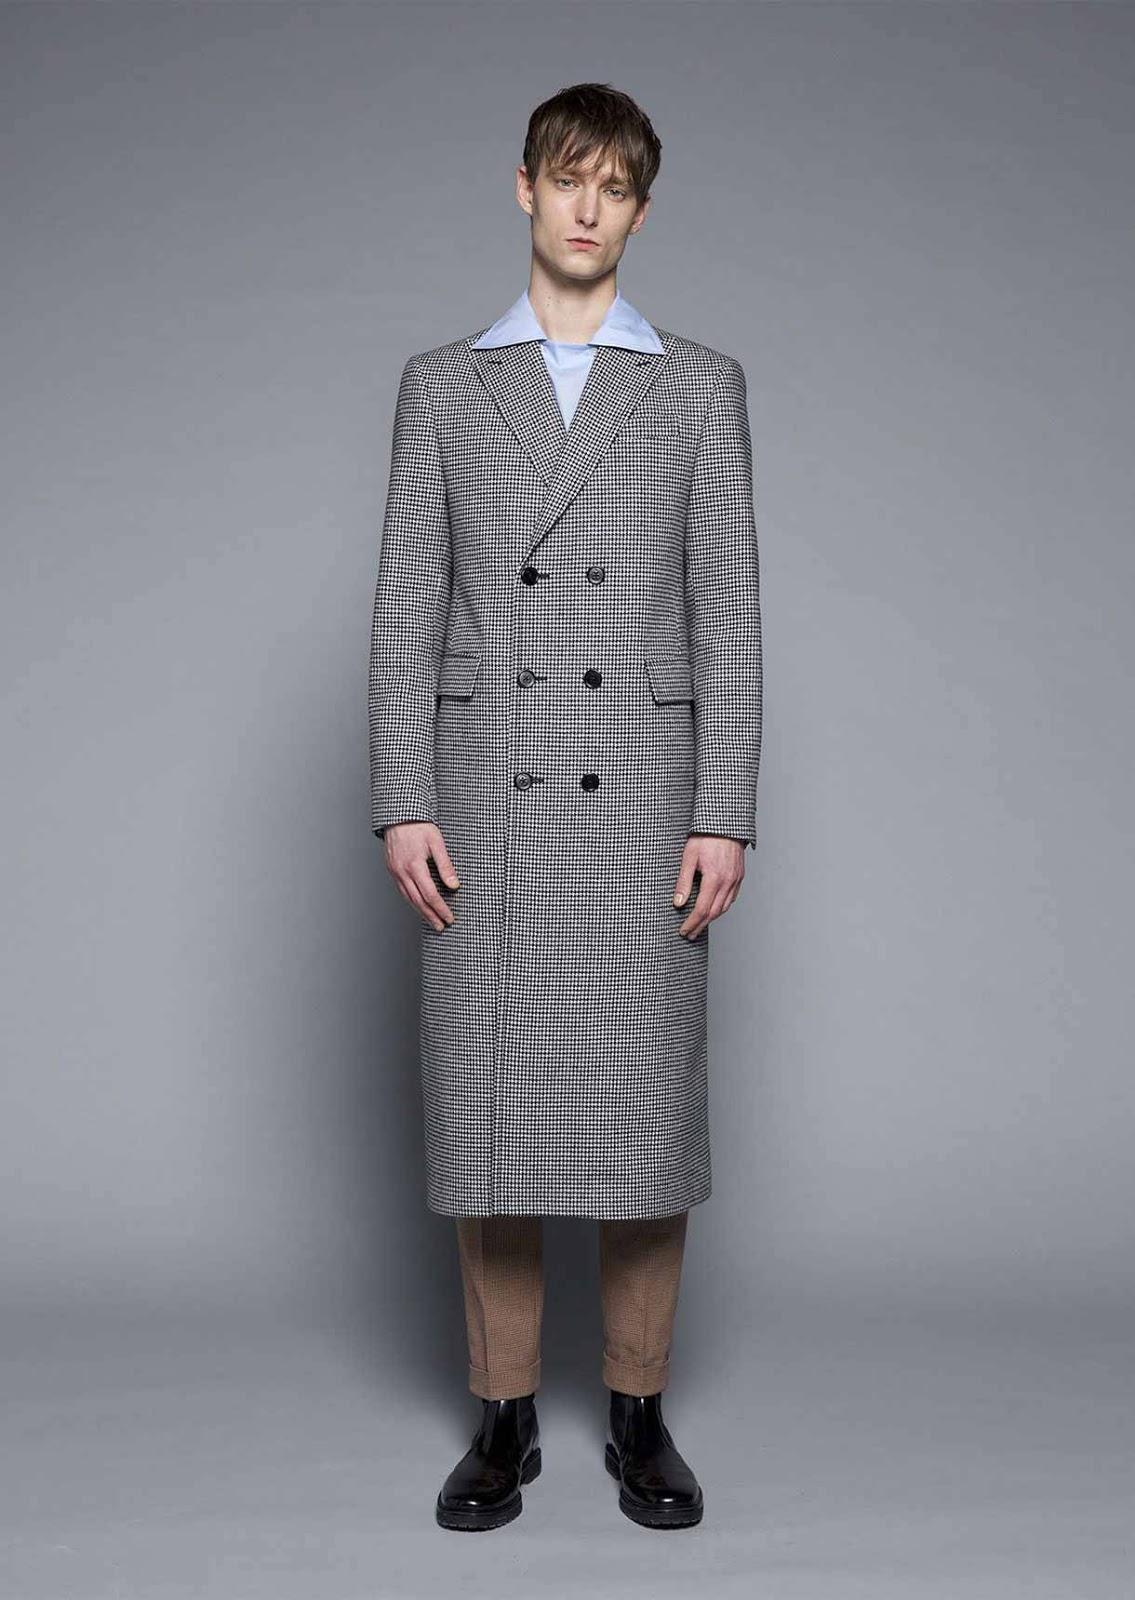 sale retailer ebaf0 8d1e2 Cappotti da uomo lunghi firmati Fay: le novità della nuova ...